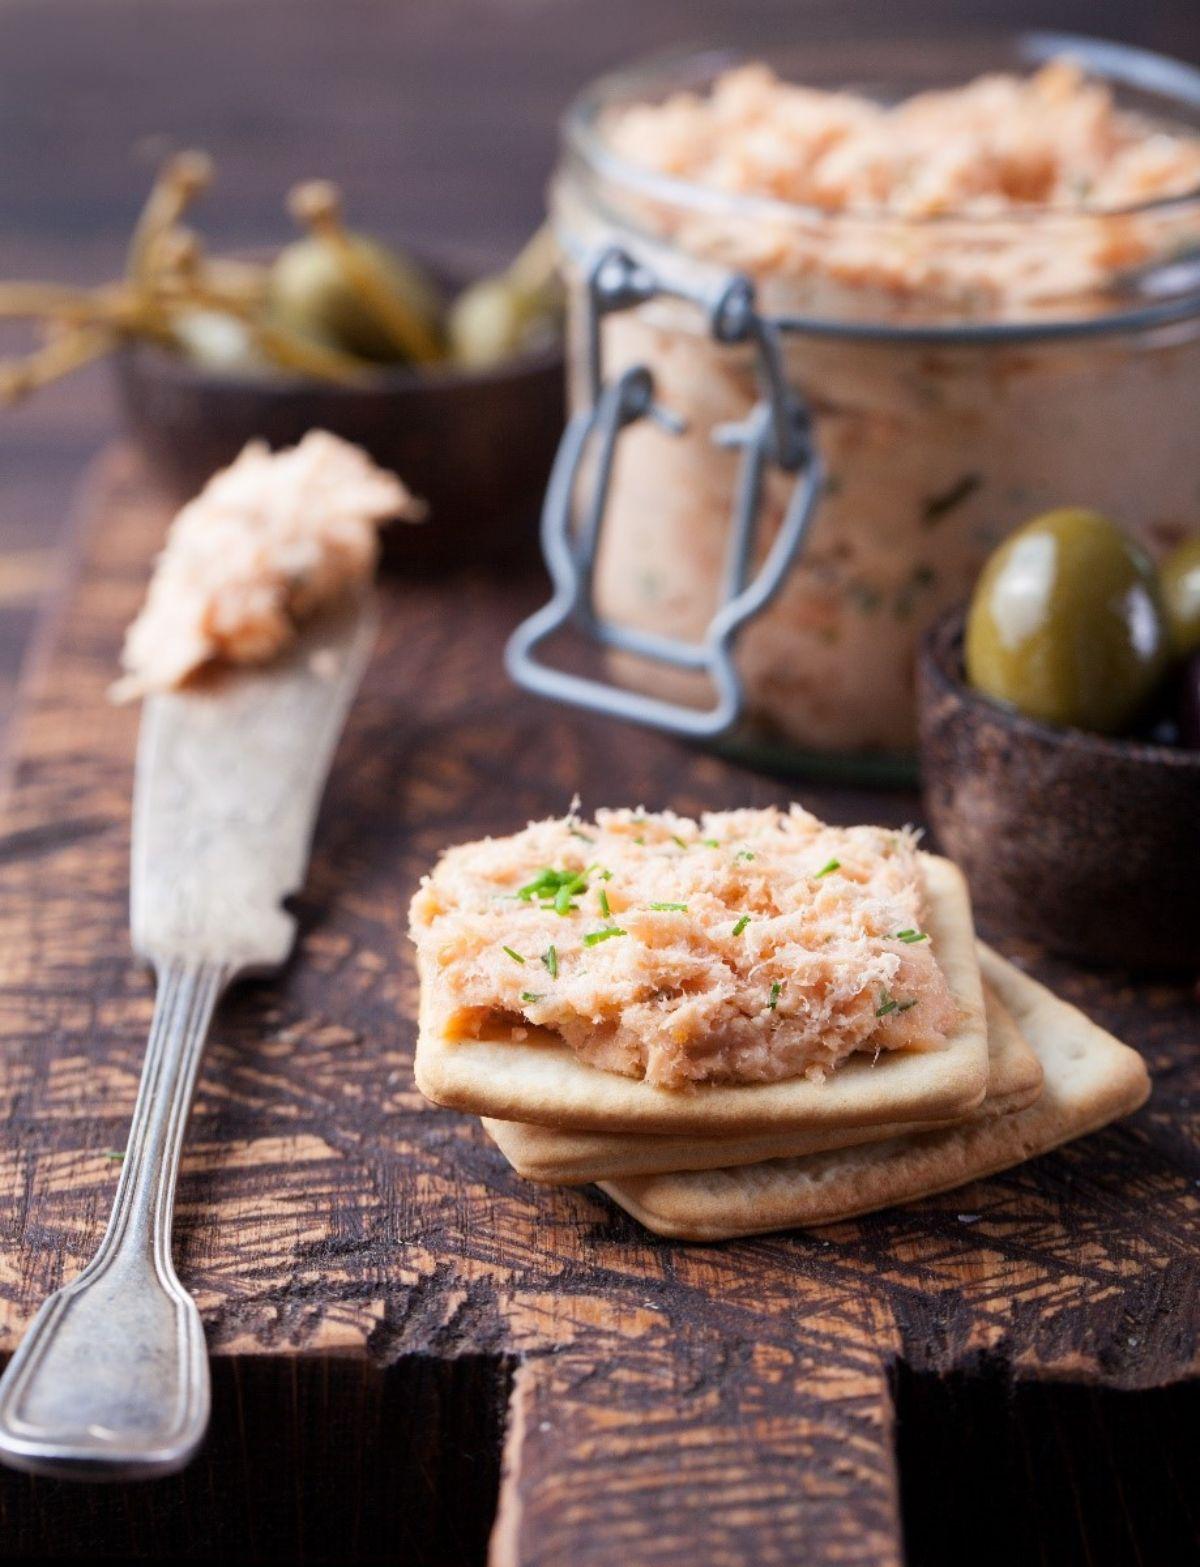 Crackers and tuna salad